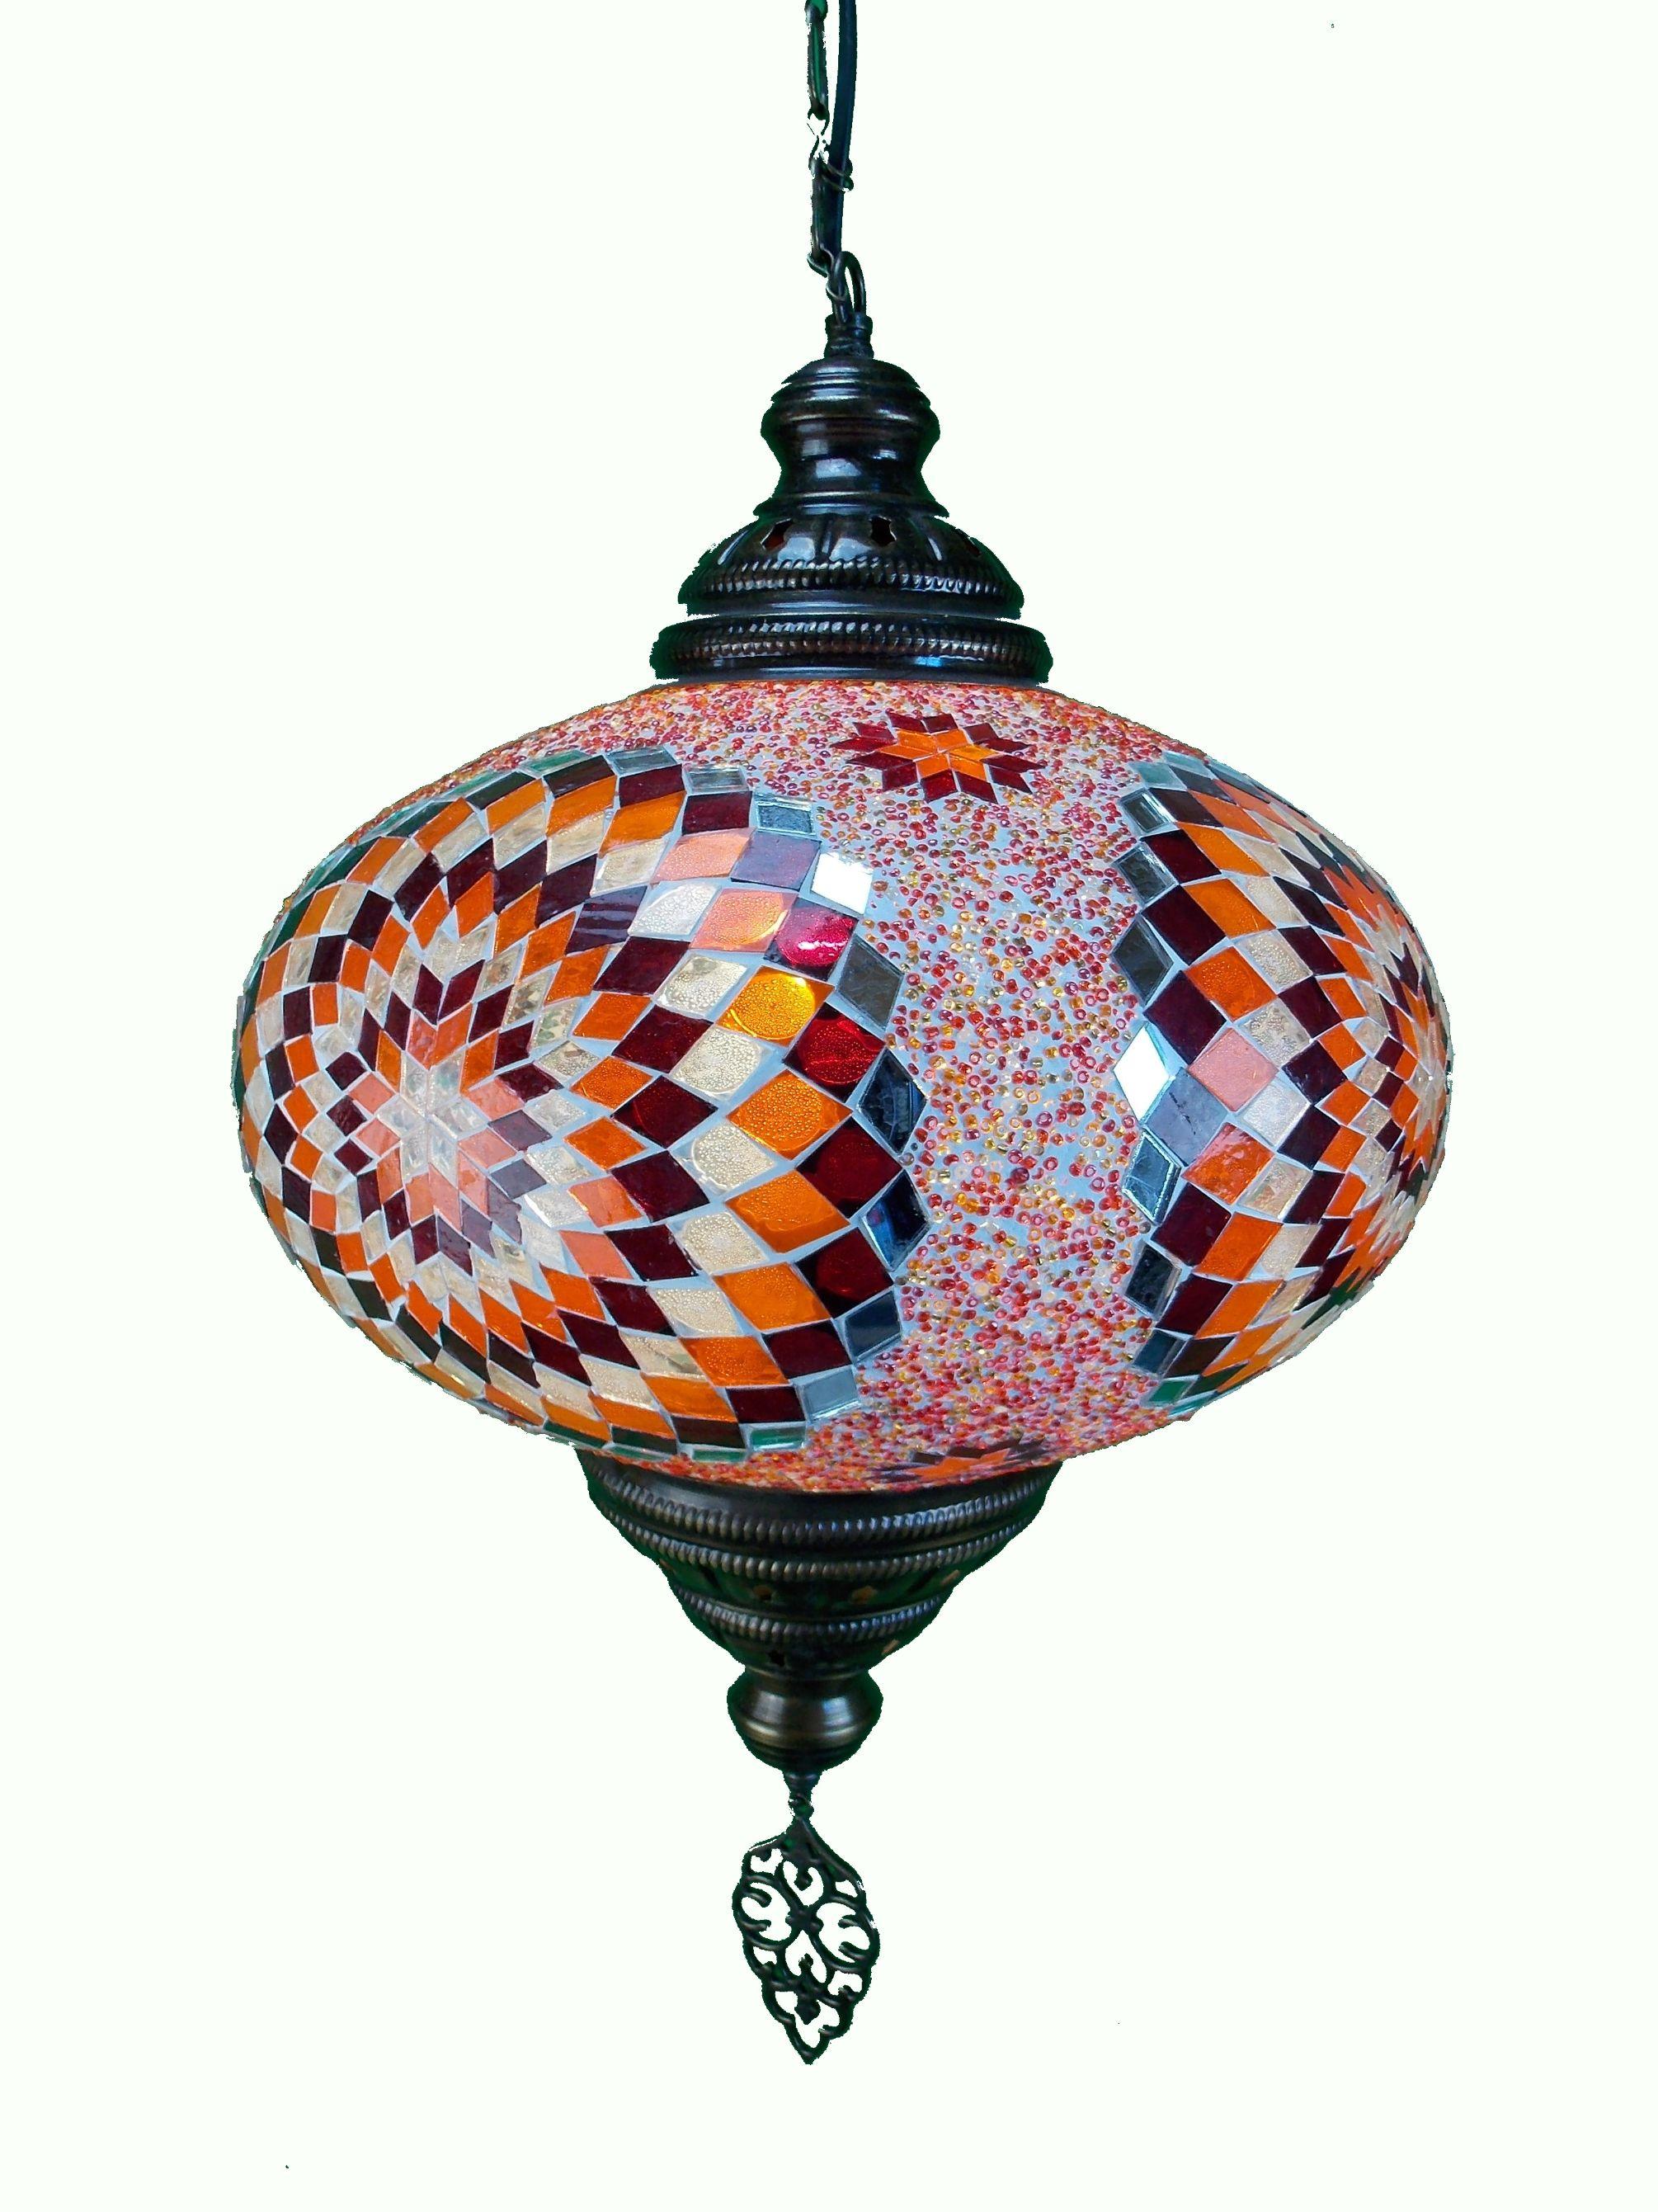 Lustra  turceasca din mozaic  cu glob din sticla si lant din metal 73cm  ,35cm diametrul globului